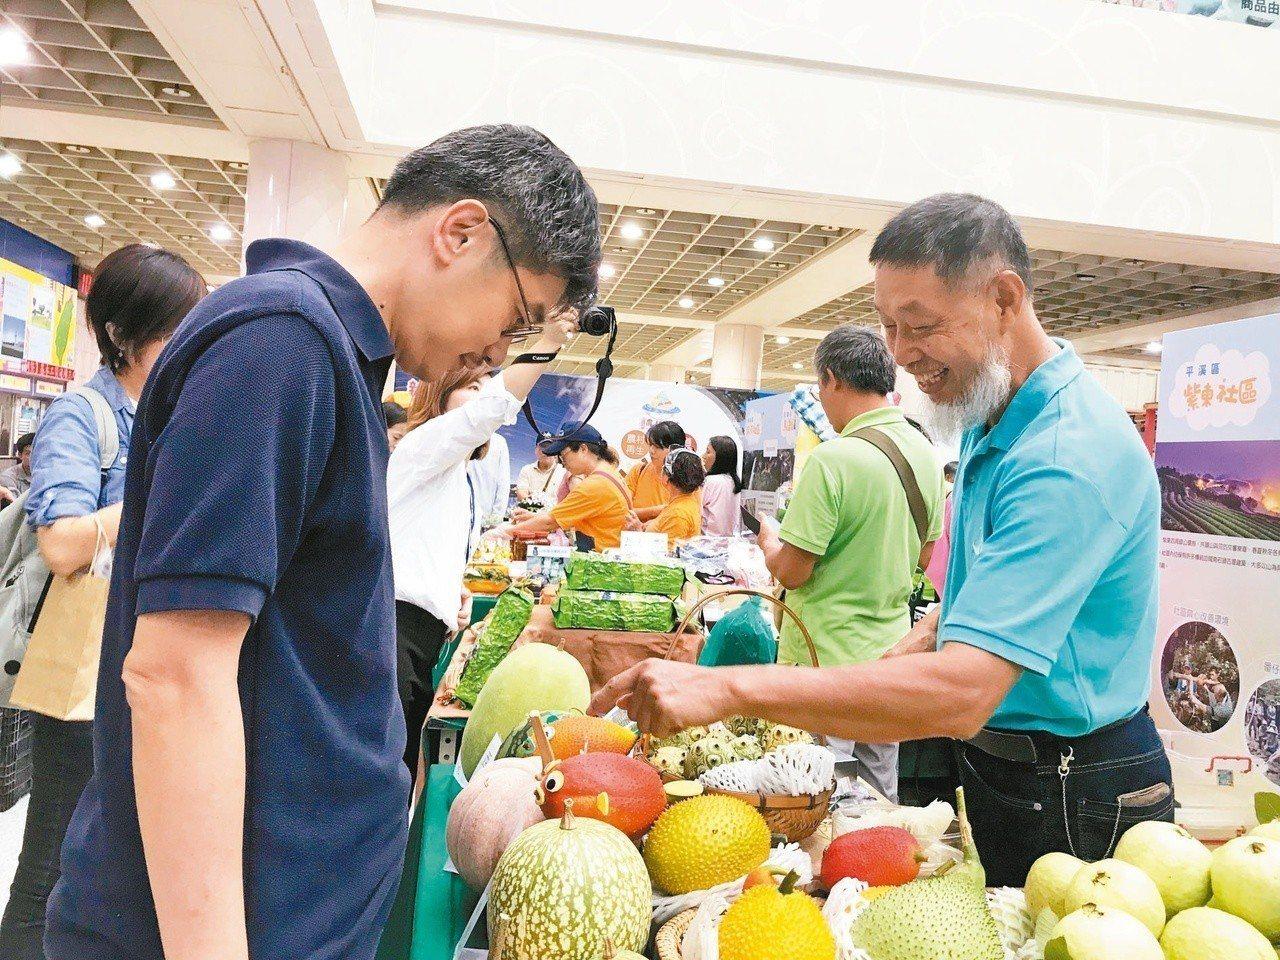 新北市農業局昨、今2天在板橋火車站1樓大廳辦「新北市農村再生成果發表暨展售」,有...